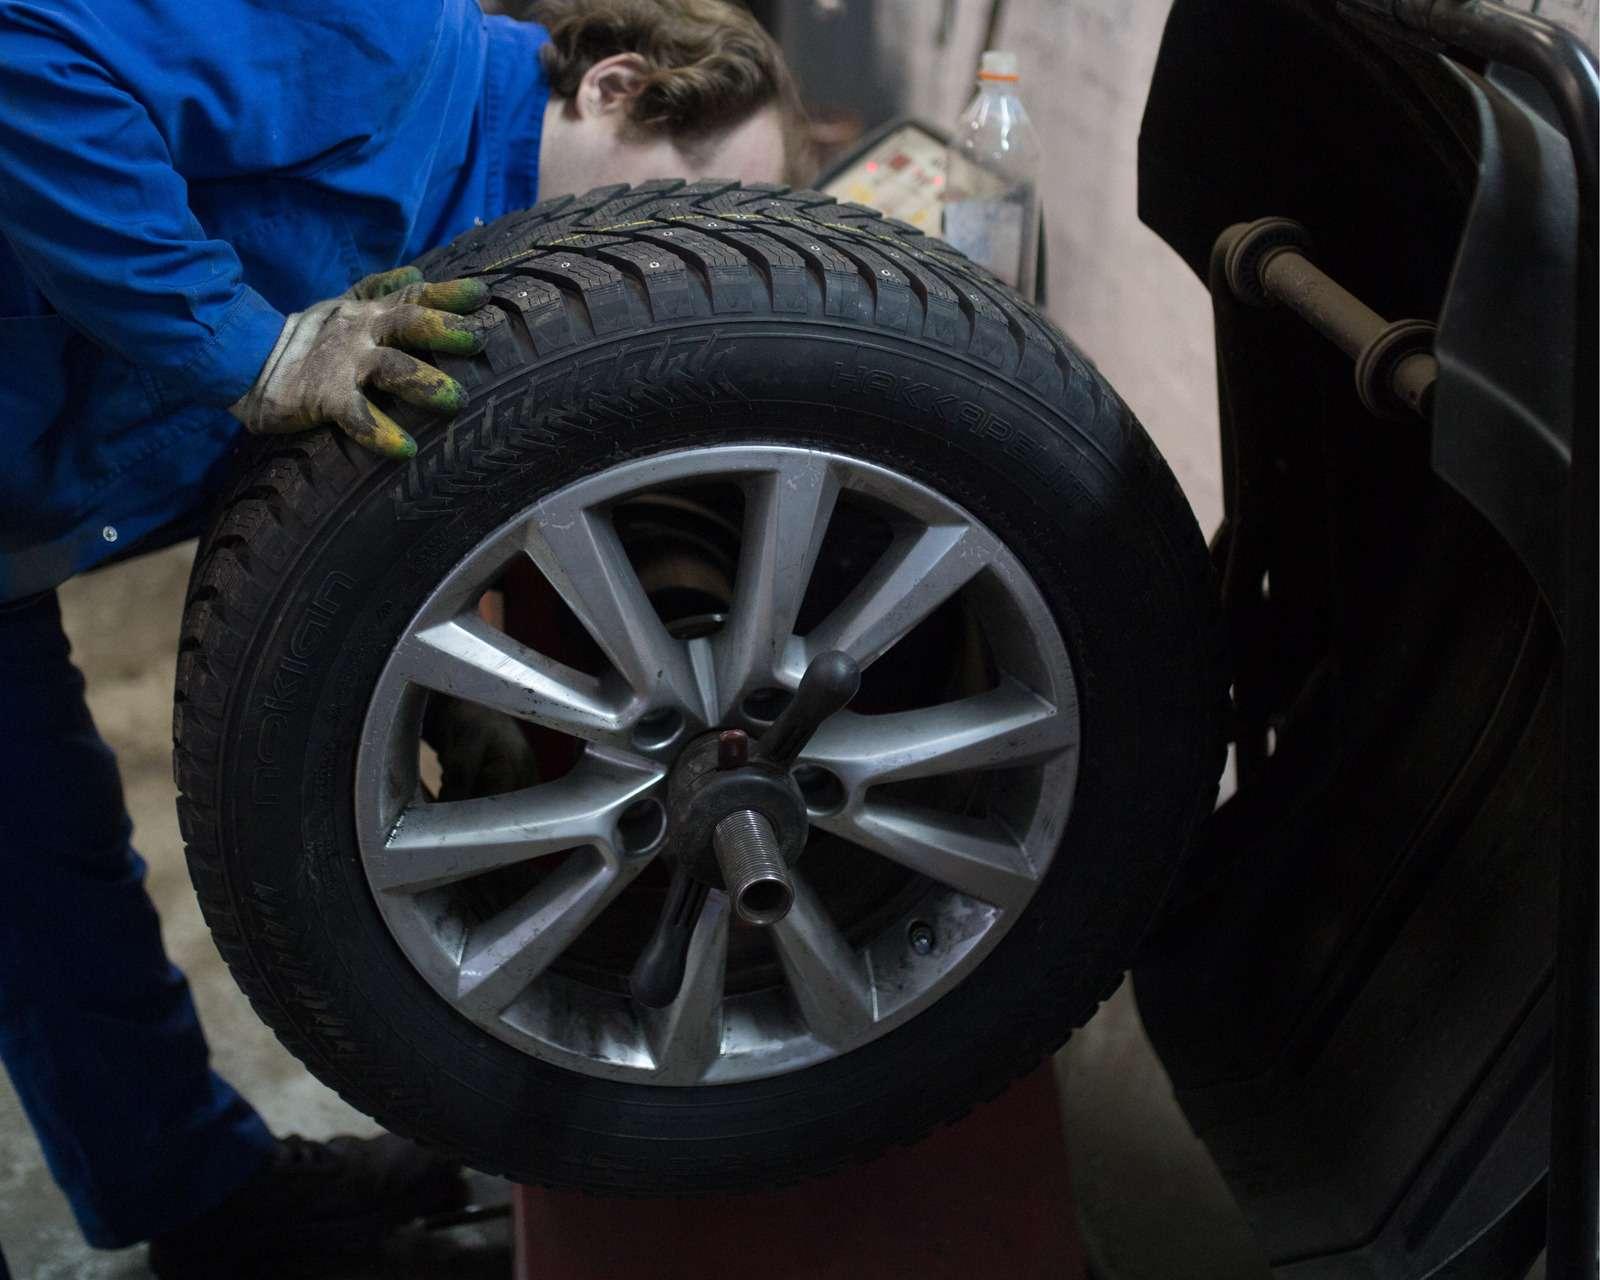 Меняем колеса: самостоятельно или успециалиста? Опрос ЗР— фото 581307